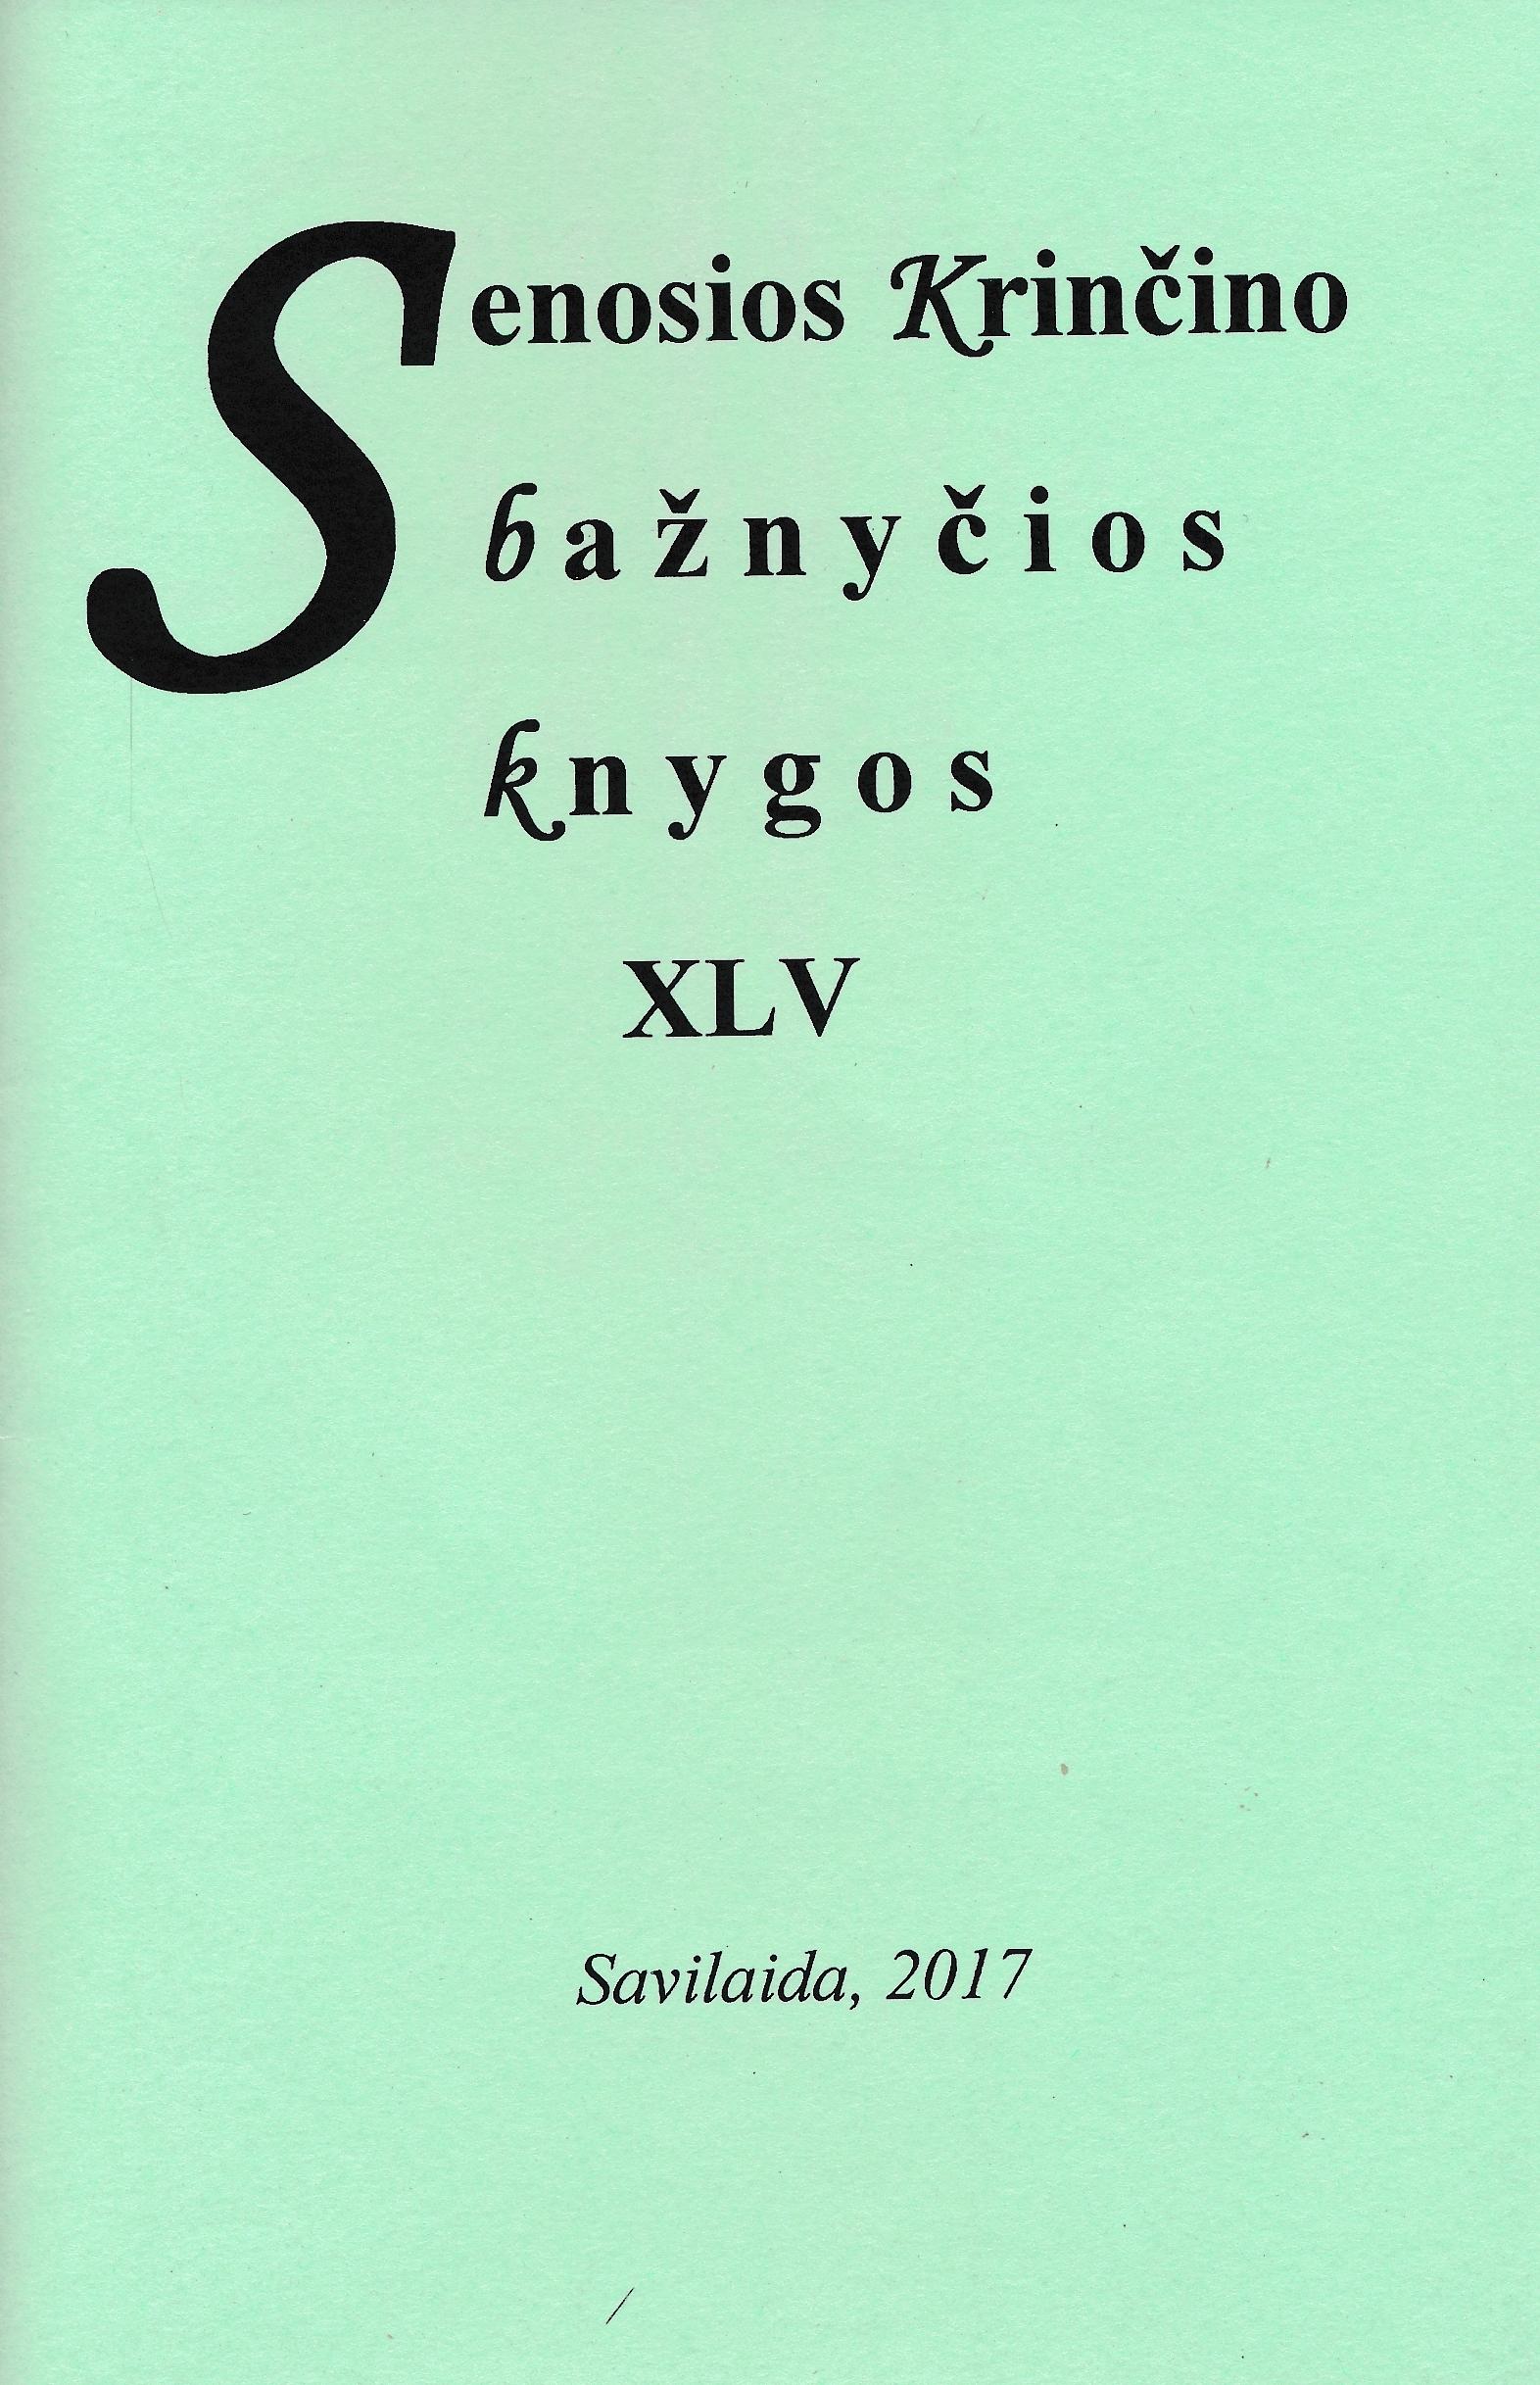 Senosios Krinčino bažnyčios knygos